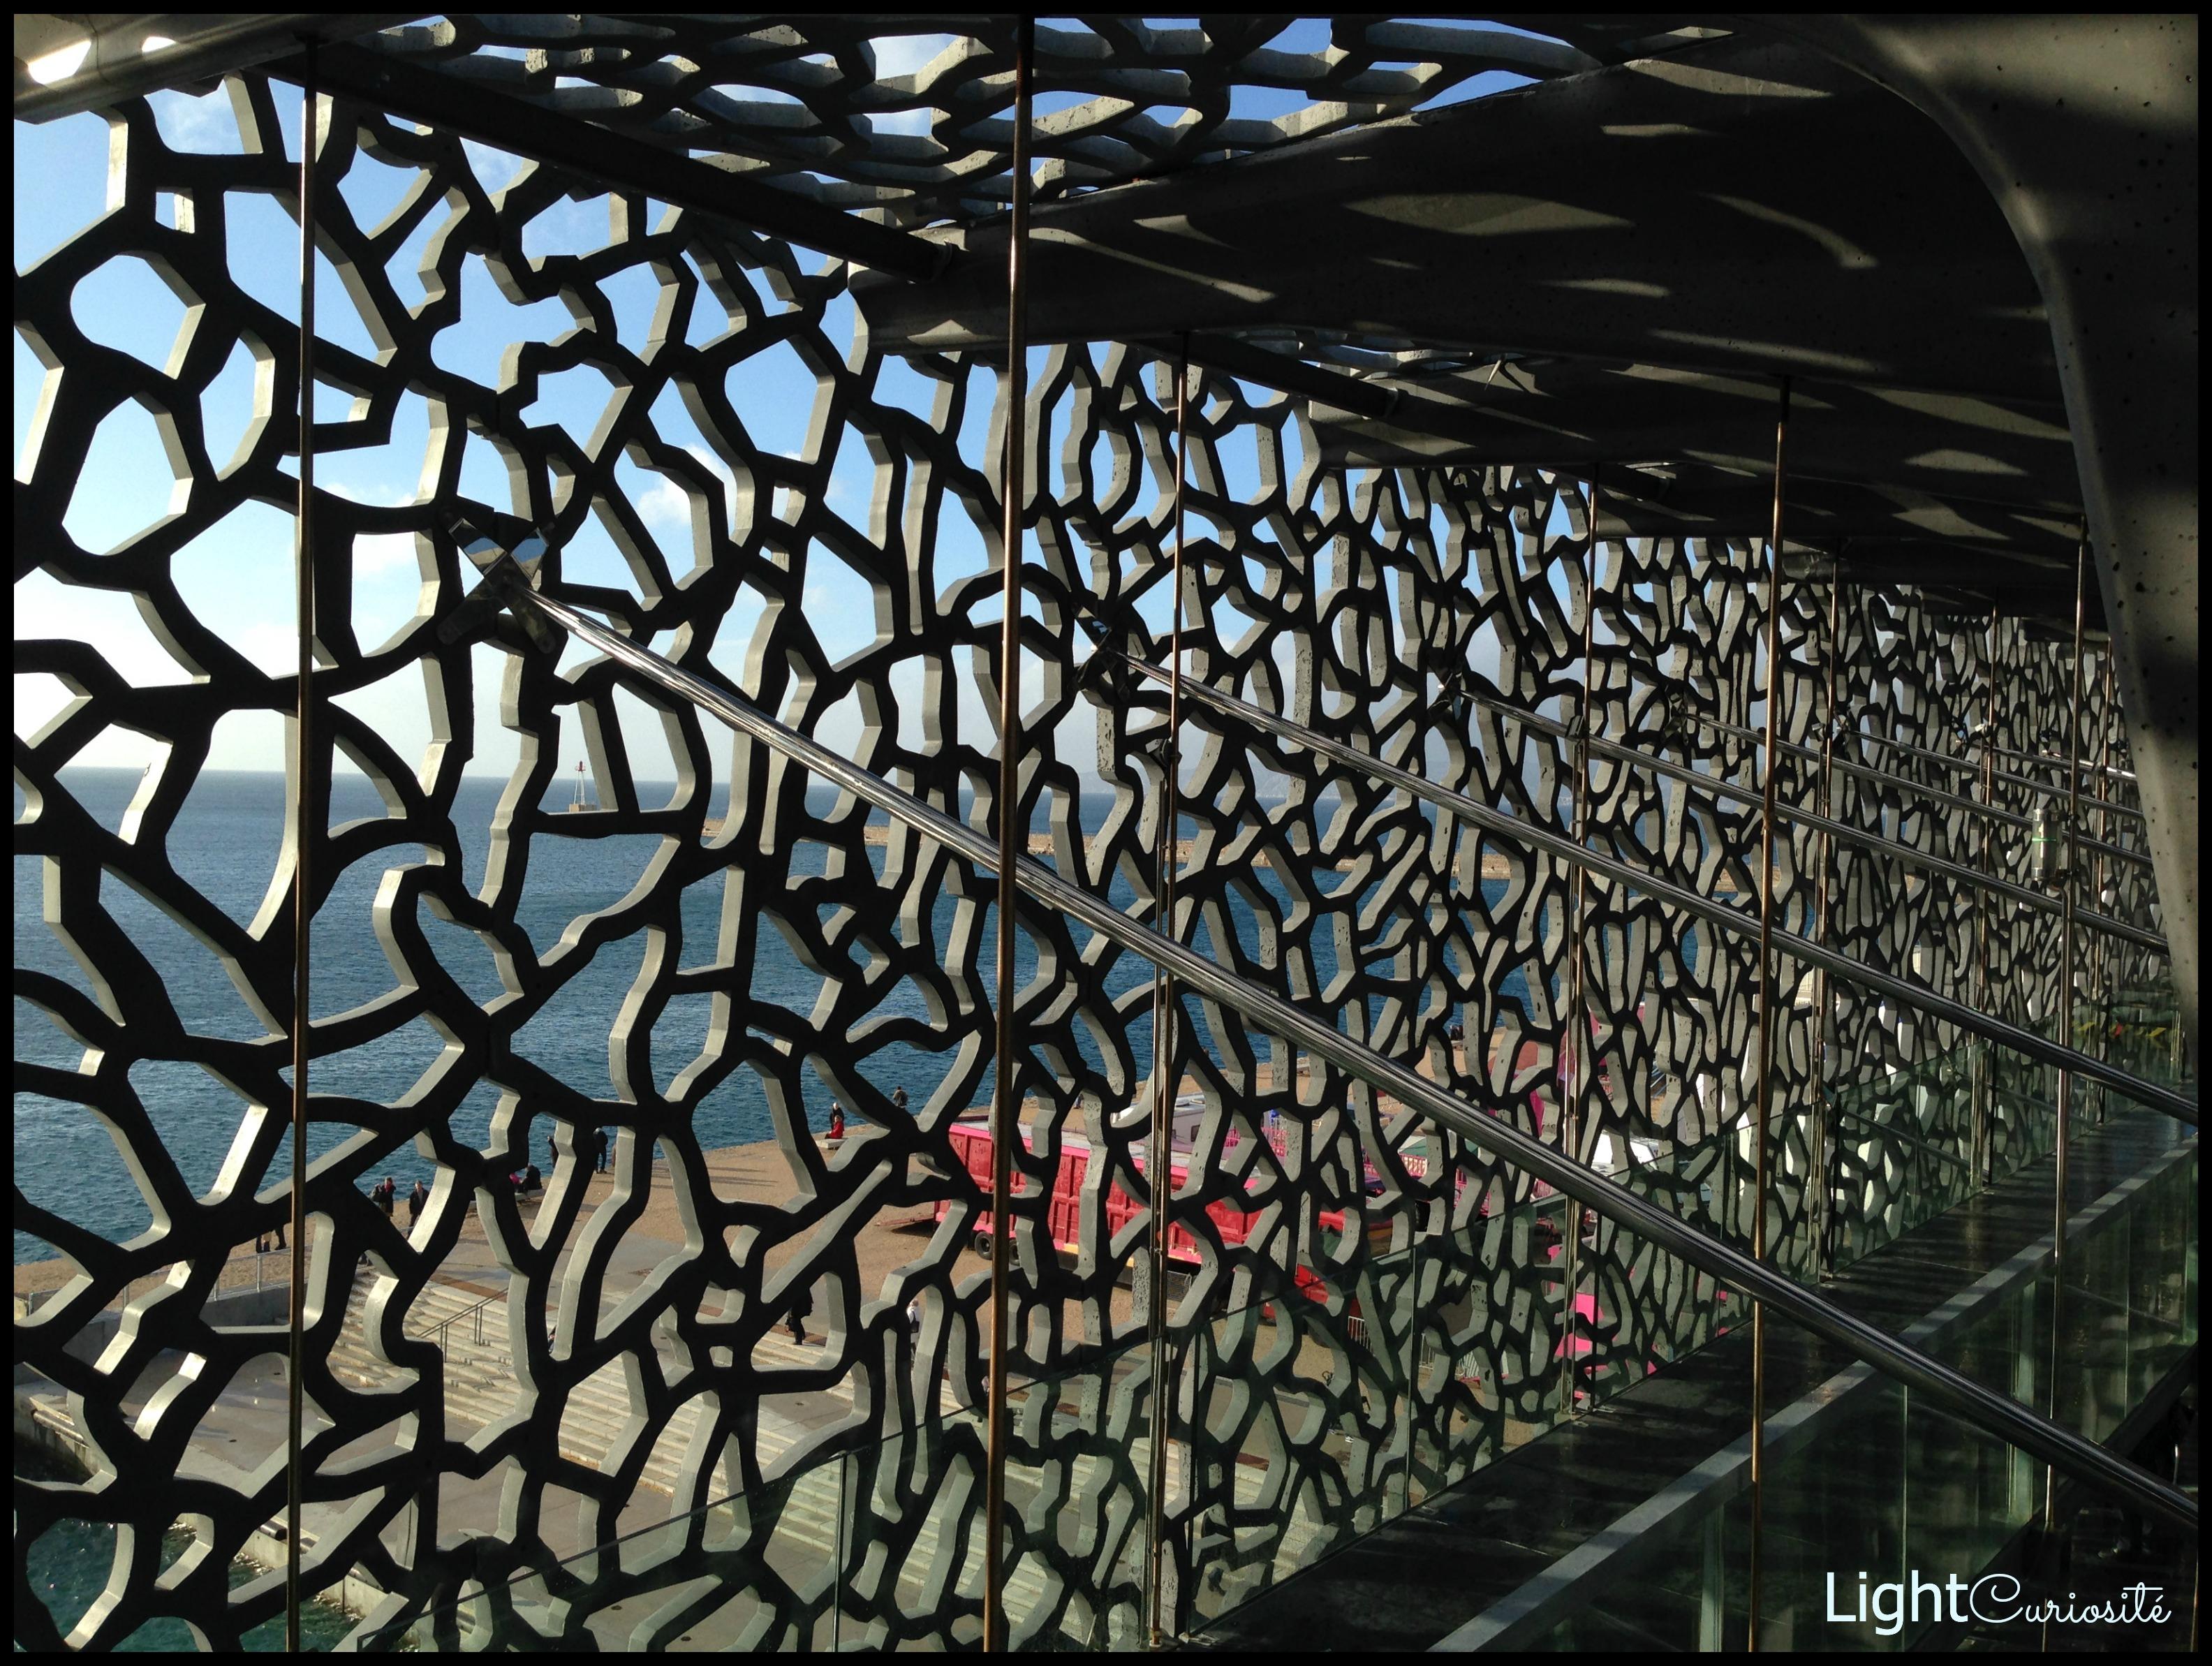 Architecture Light Curiosit